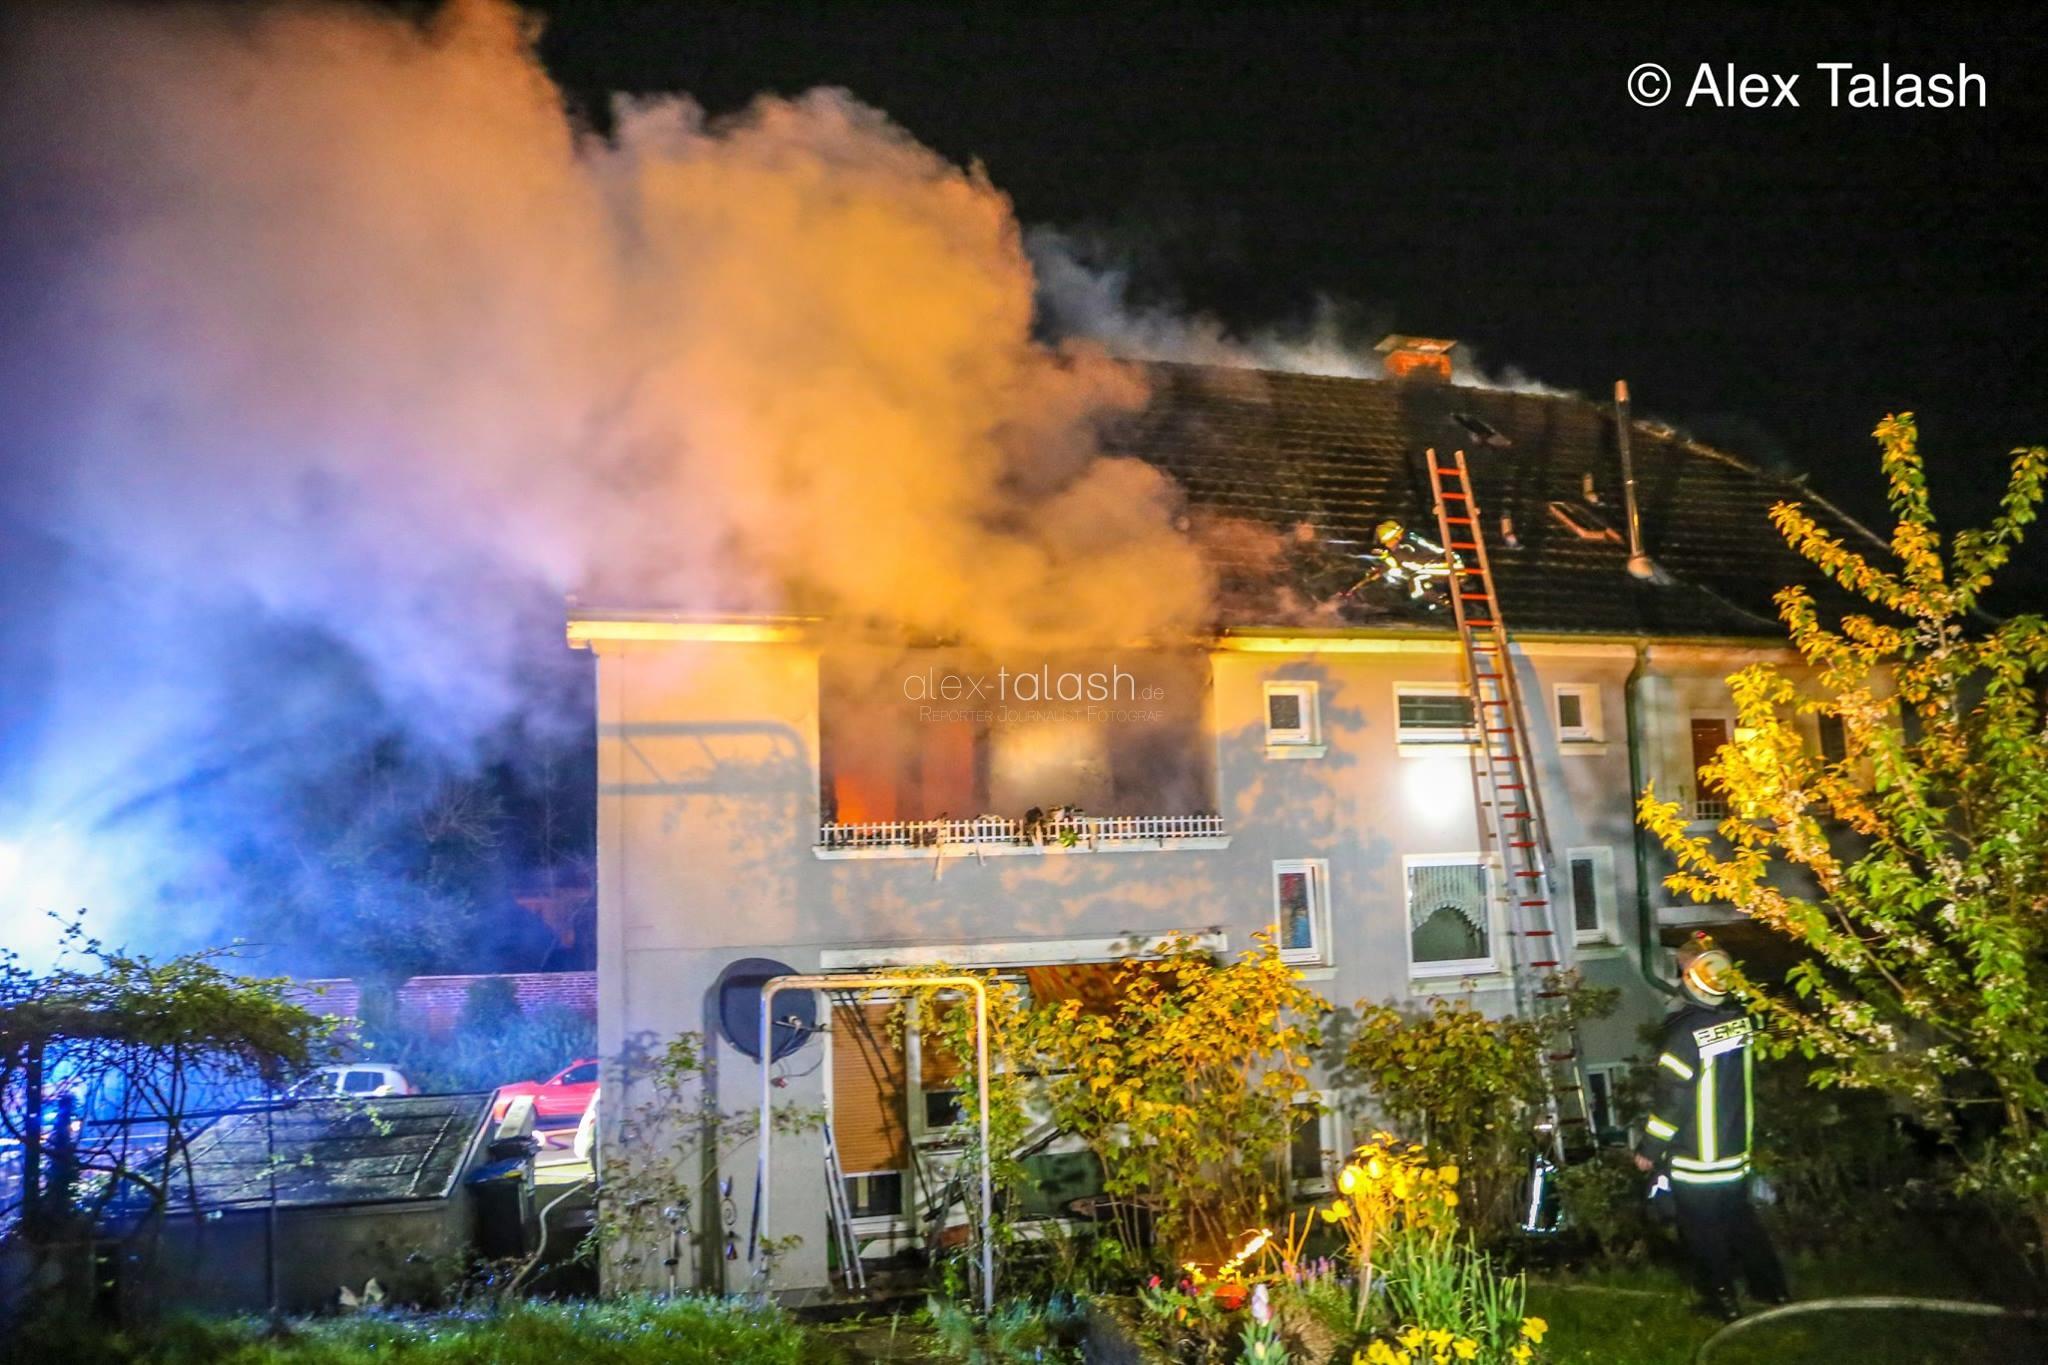 Rettung aus brennender Wohnung